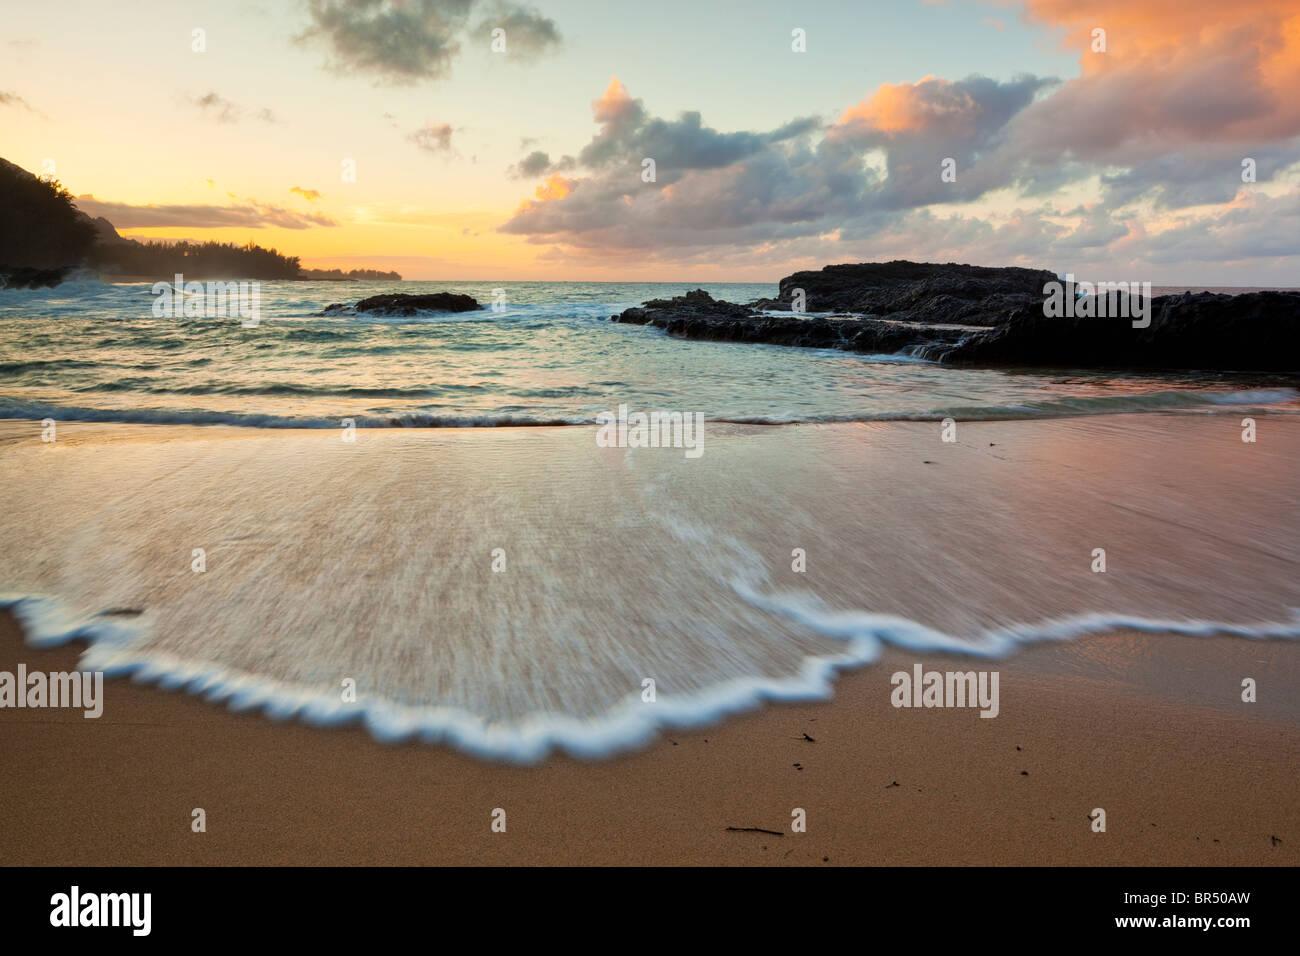 Kauai, HI Soir lumière sur Lumaha j'Beach avec des couleurs de ciel reflétant sur les vagues Photo Stock